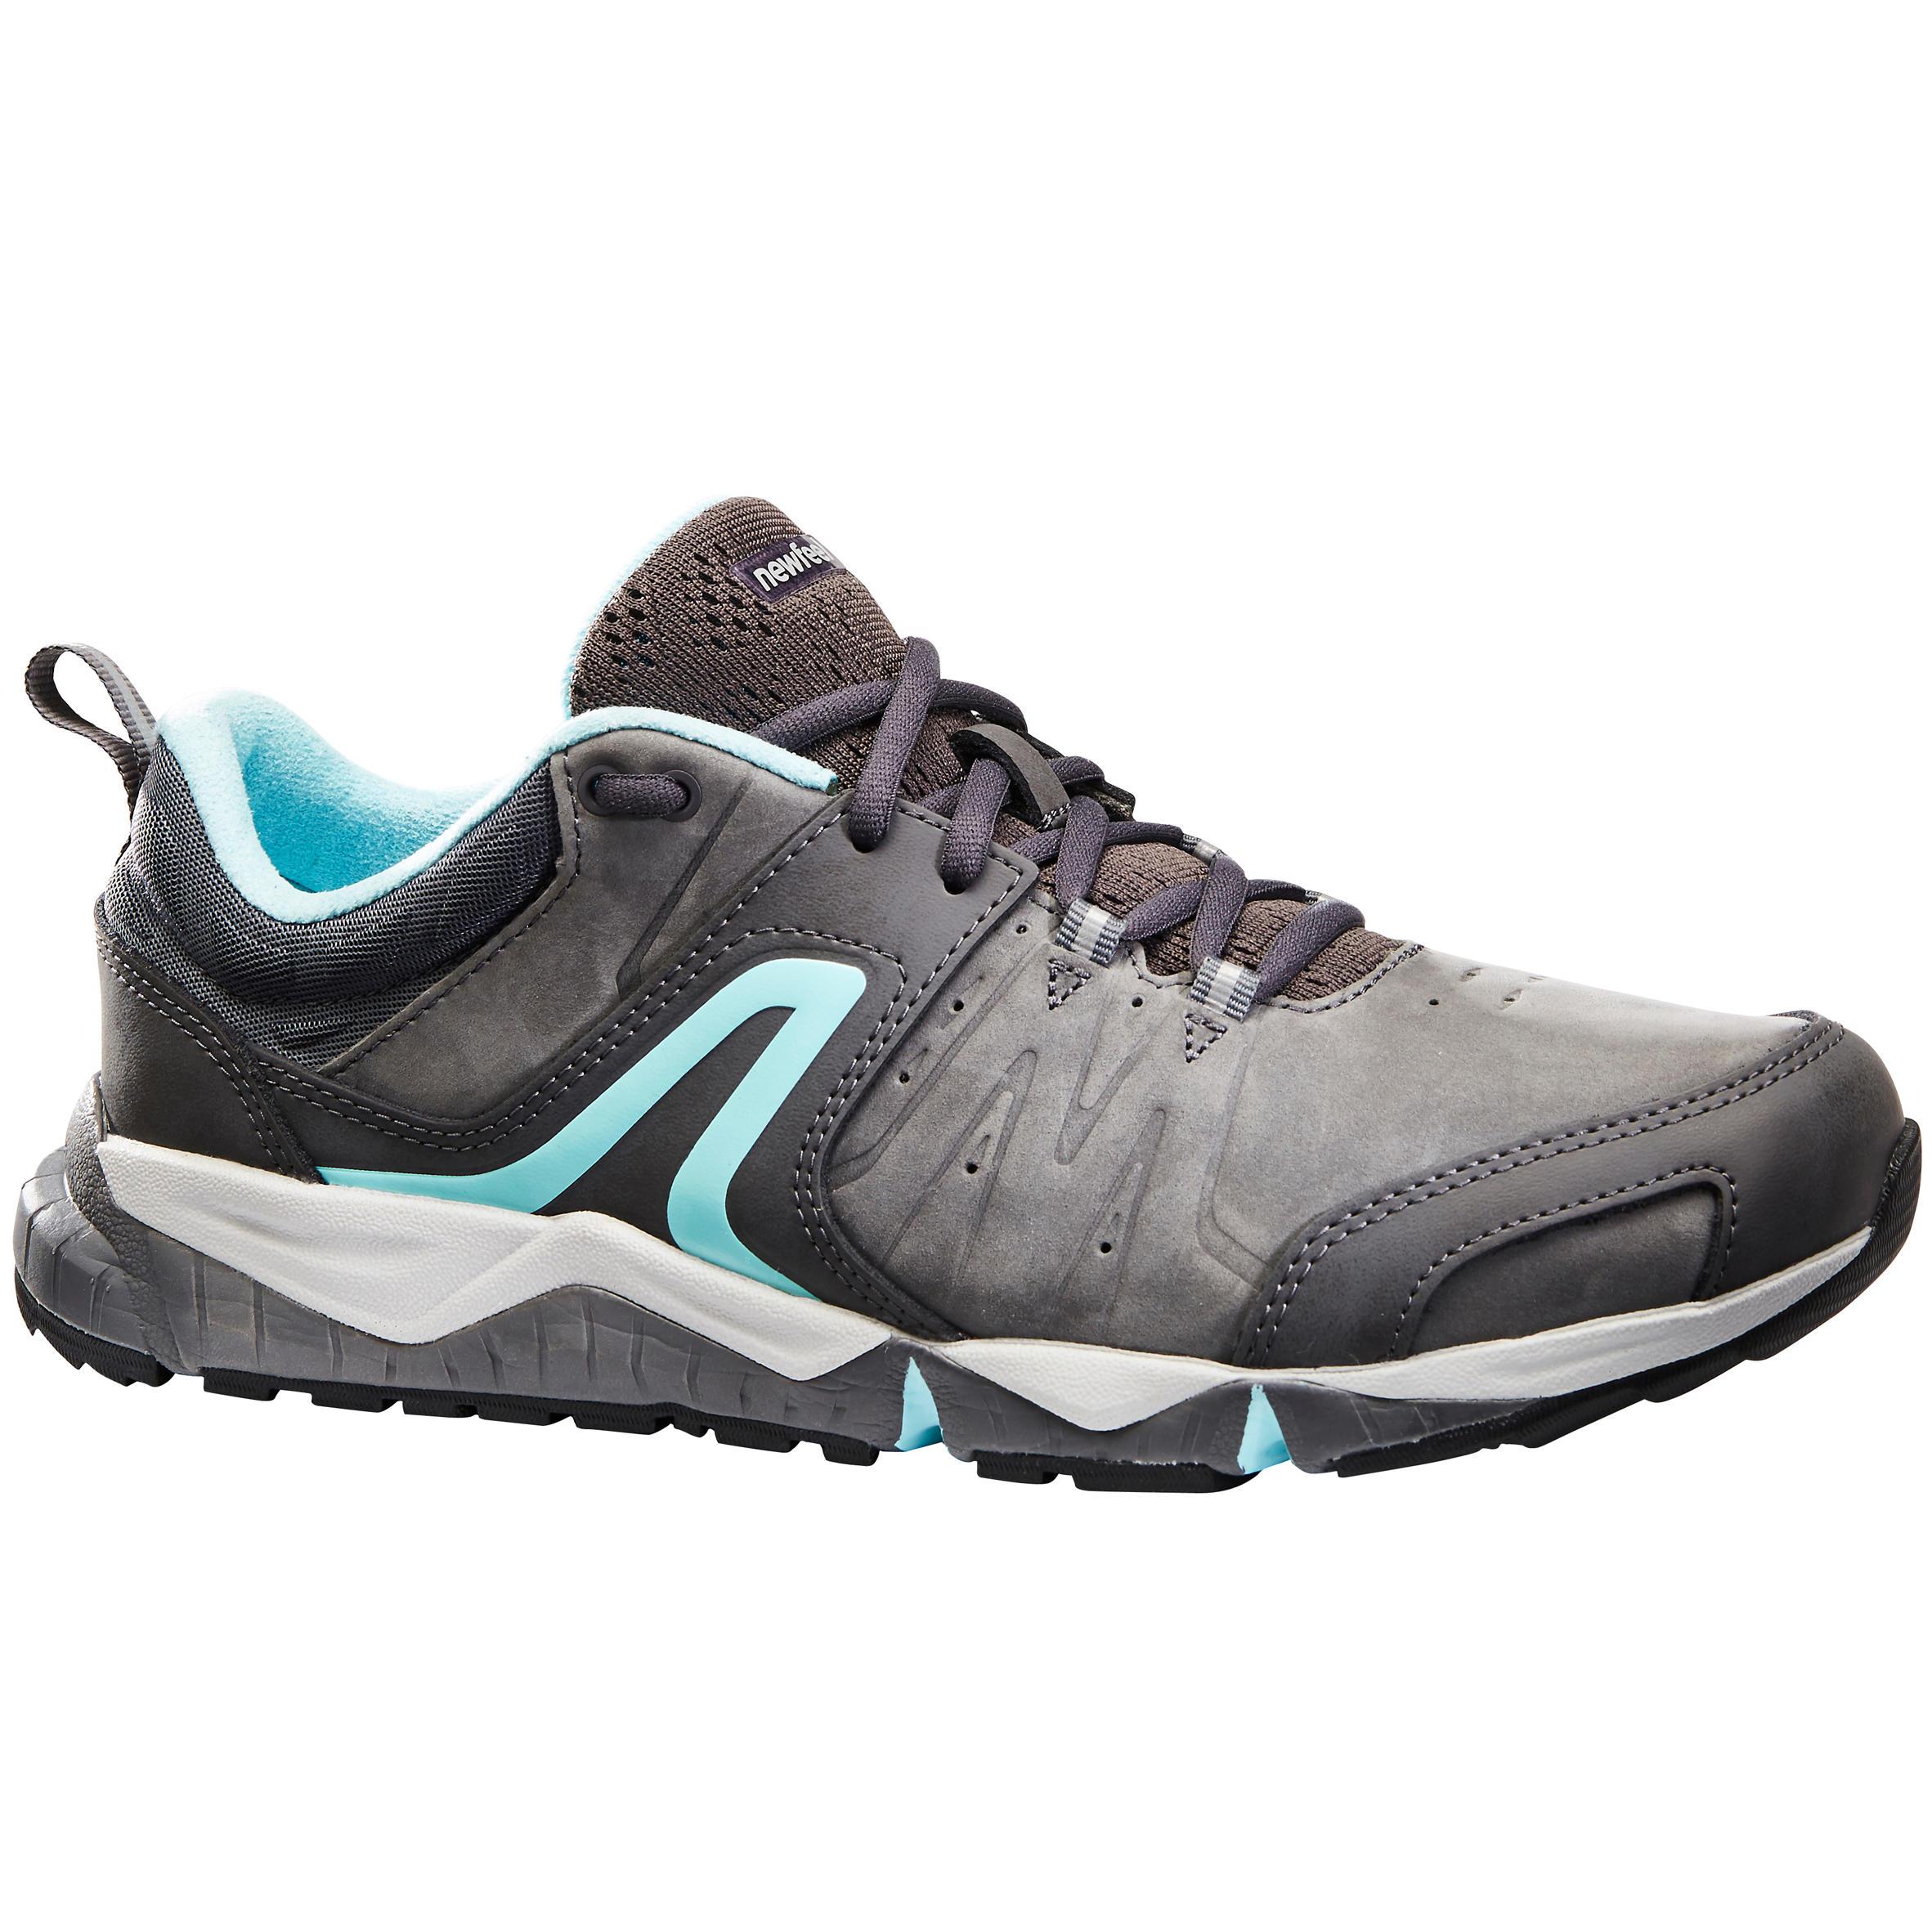 Newfeel Damessneakers voor sportief wandelen PW 940 Propulse Motion leer grijs